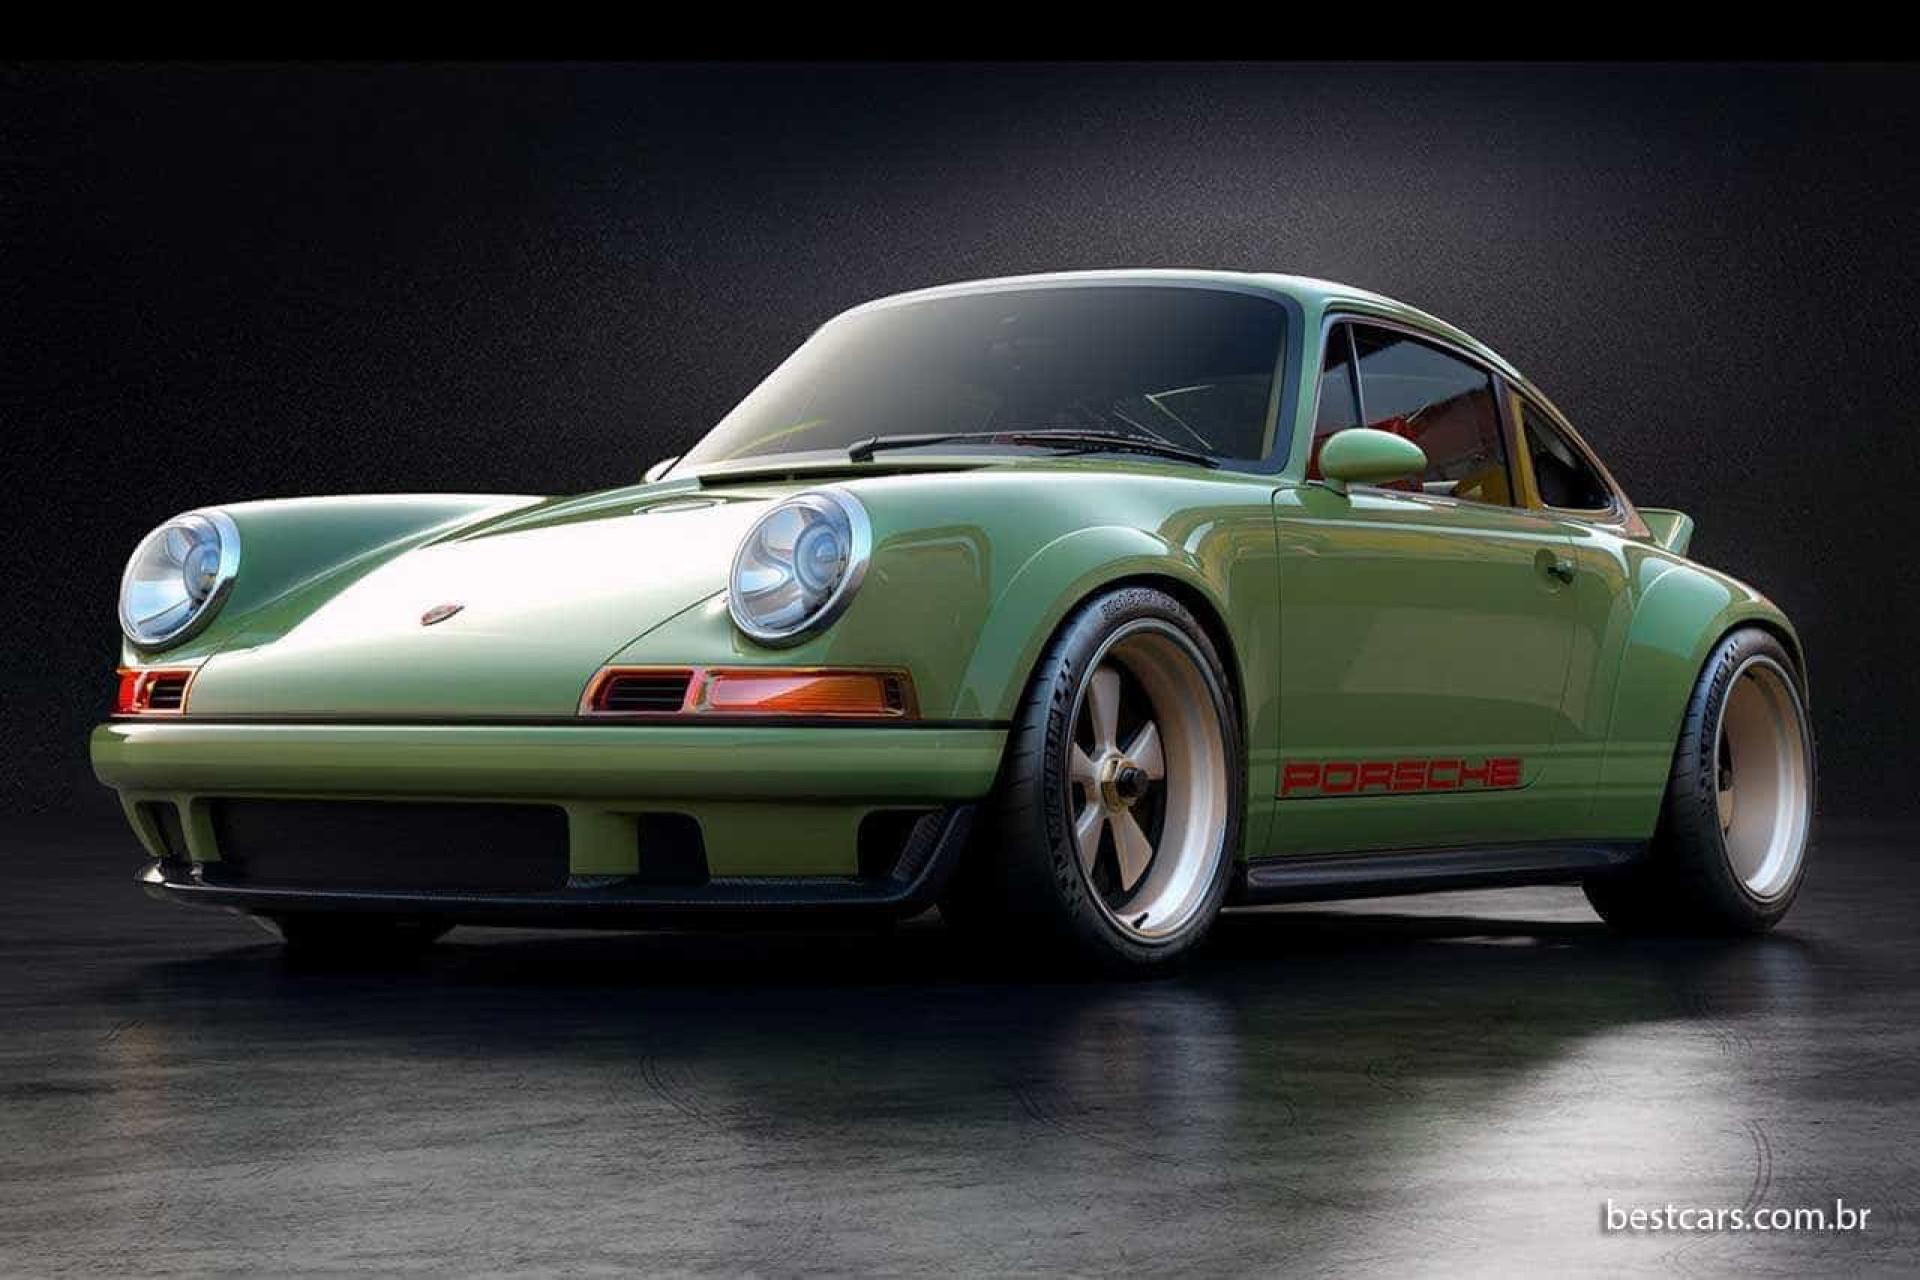 Porsche 911 Singer/Williams: Velhos são os 'chaços'